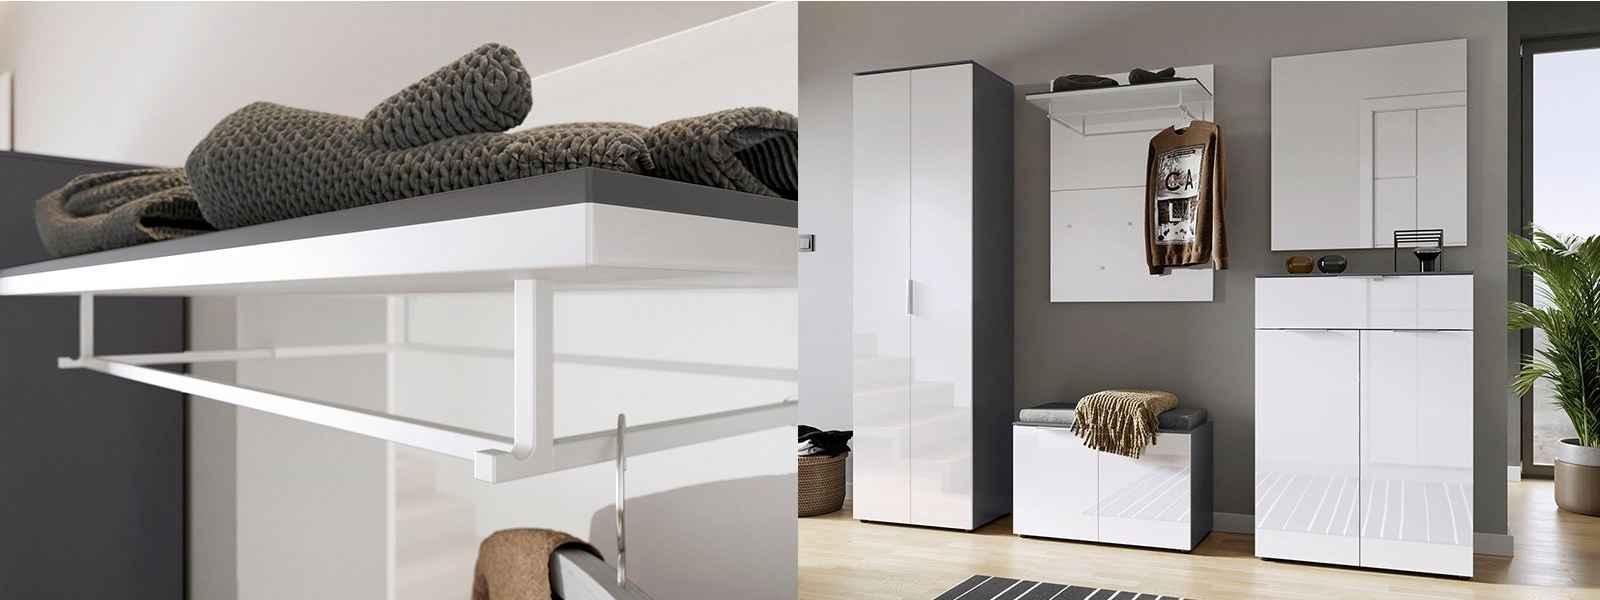 Garderoben-Sets